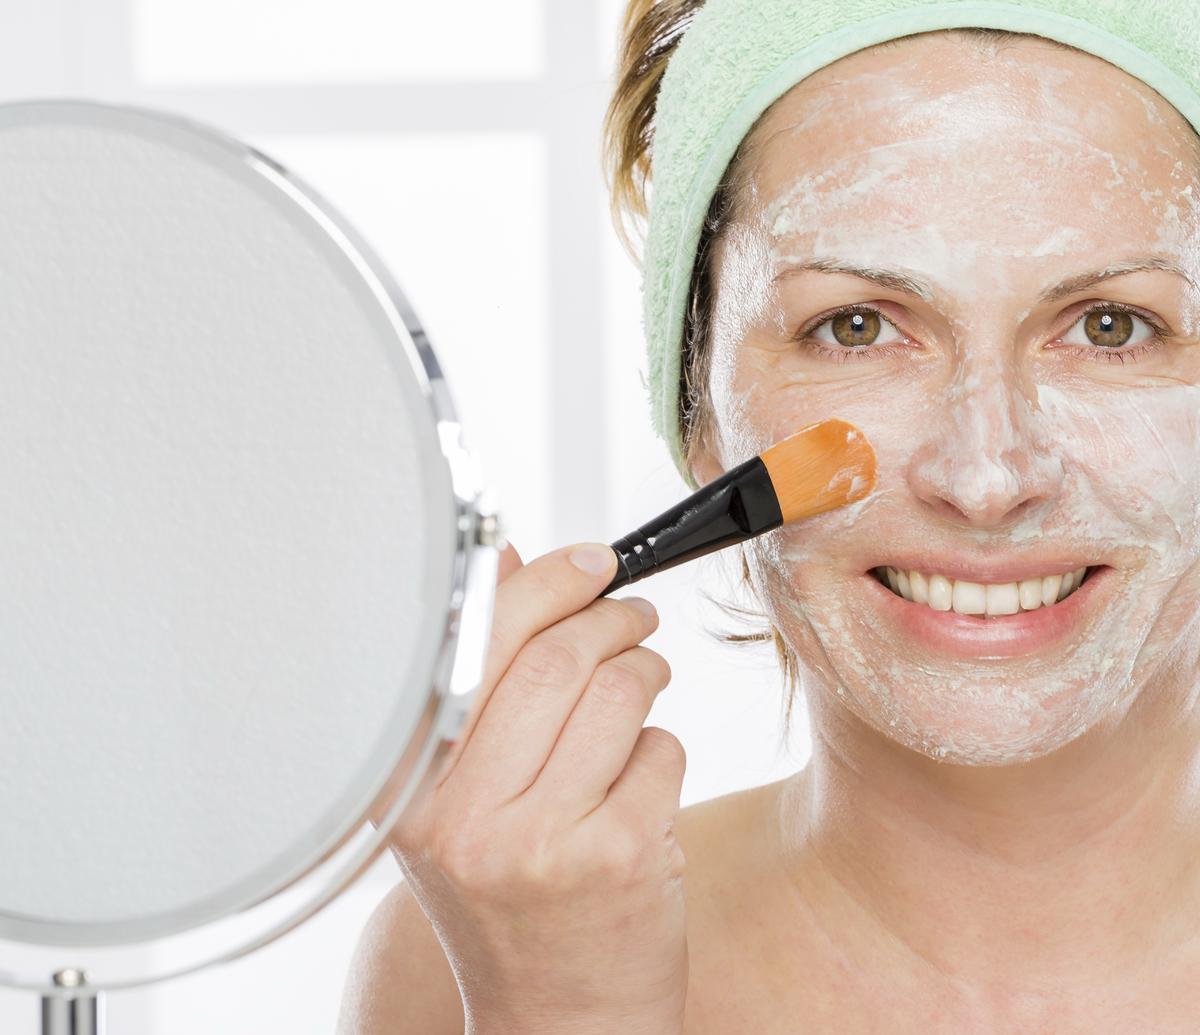 recettes de masques naturels pour le visage contre les boutons. Black Bedroom Furniture Sets. Home Design Ideas